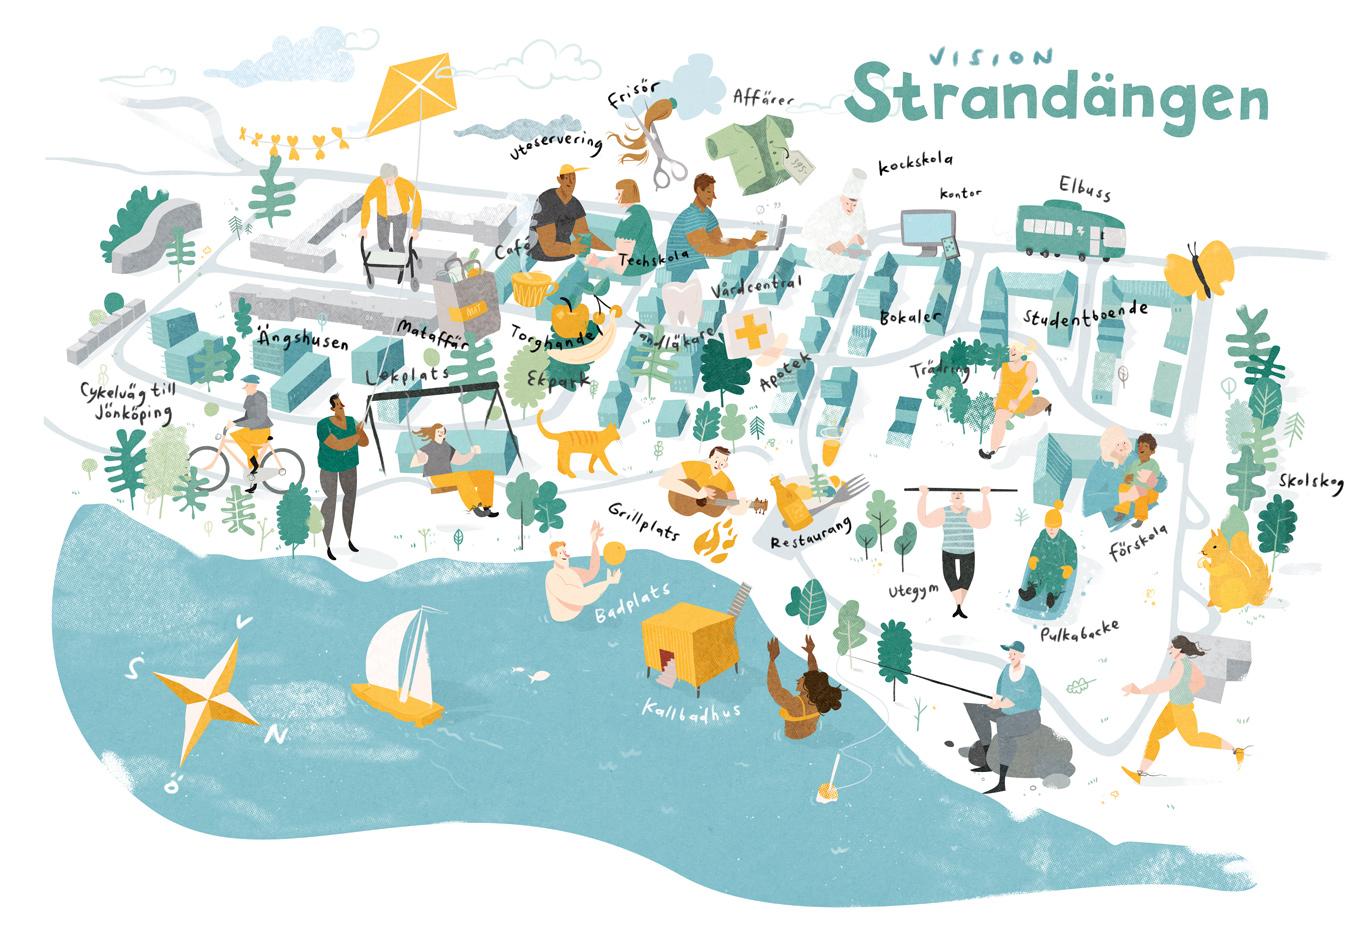 En visionskarta för Strandängen